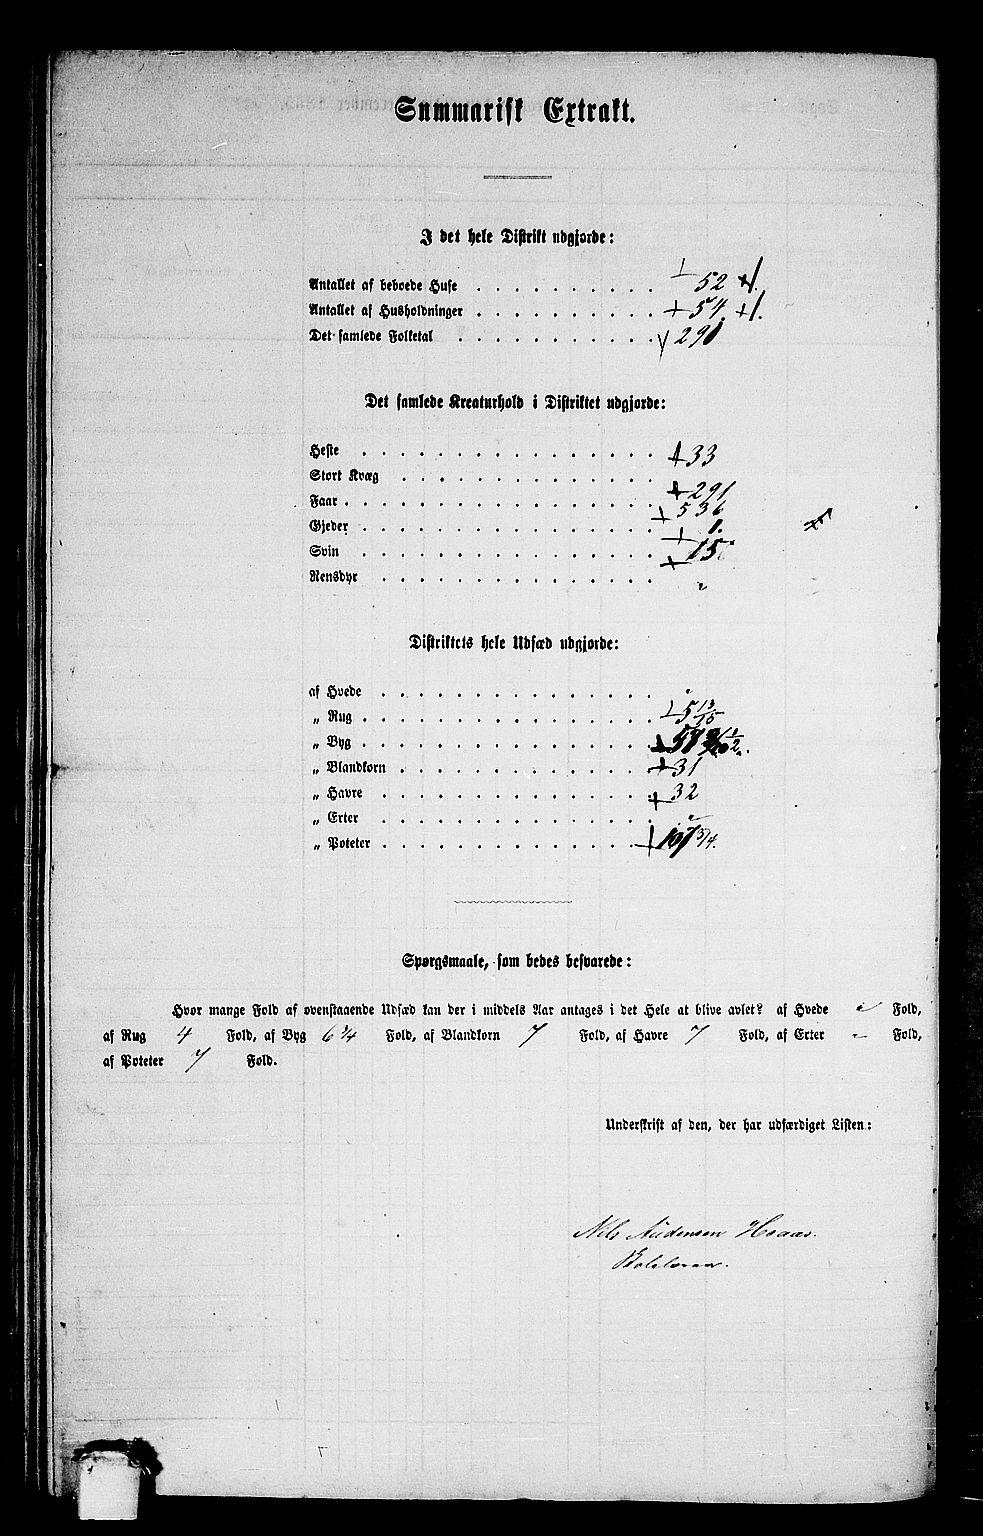 RA, Folketelling 1865 for 1563P Sunndal prestegjeld, 1865, s. 64